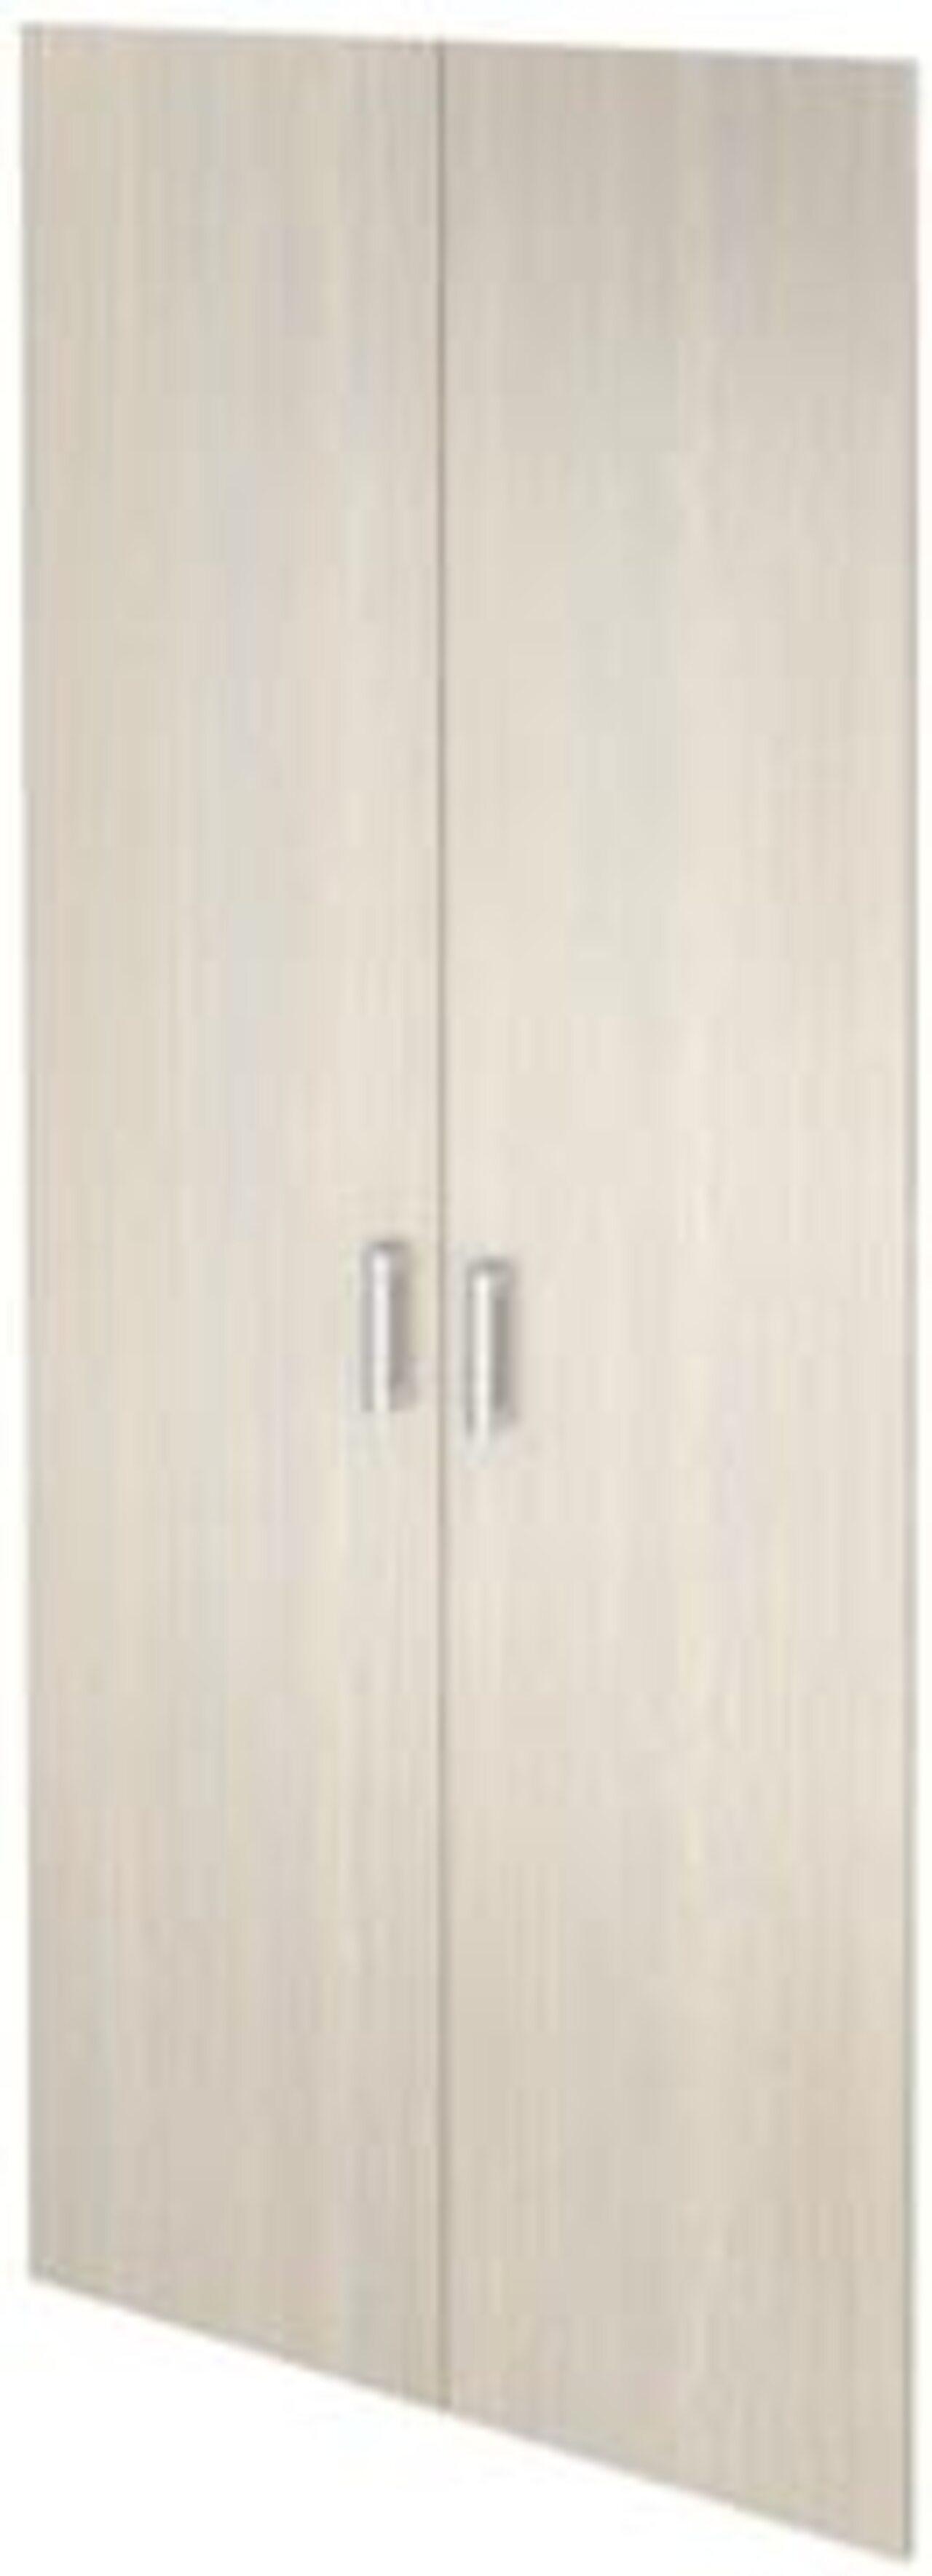 Двери из ЛДСП к широким стеллажам  Аргентум 78x2x195 - фото 6